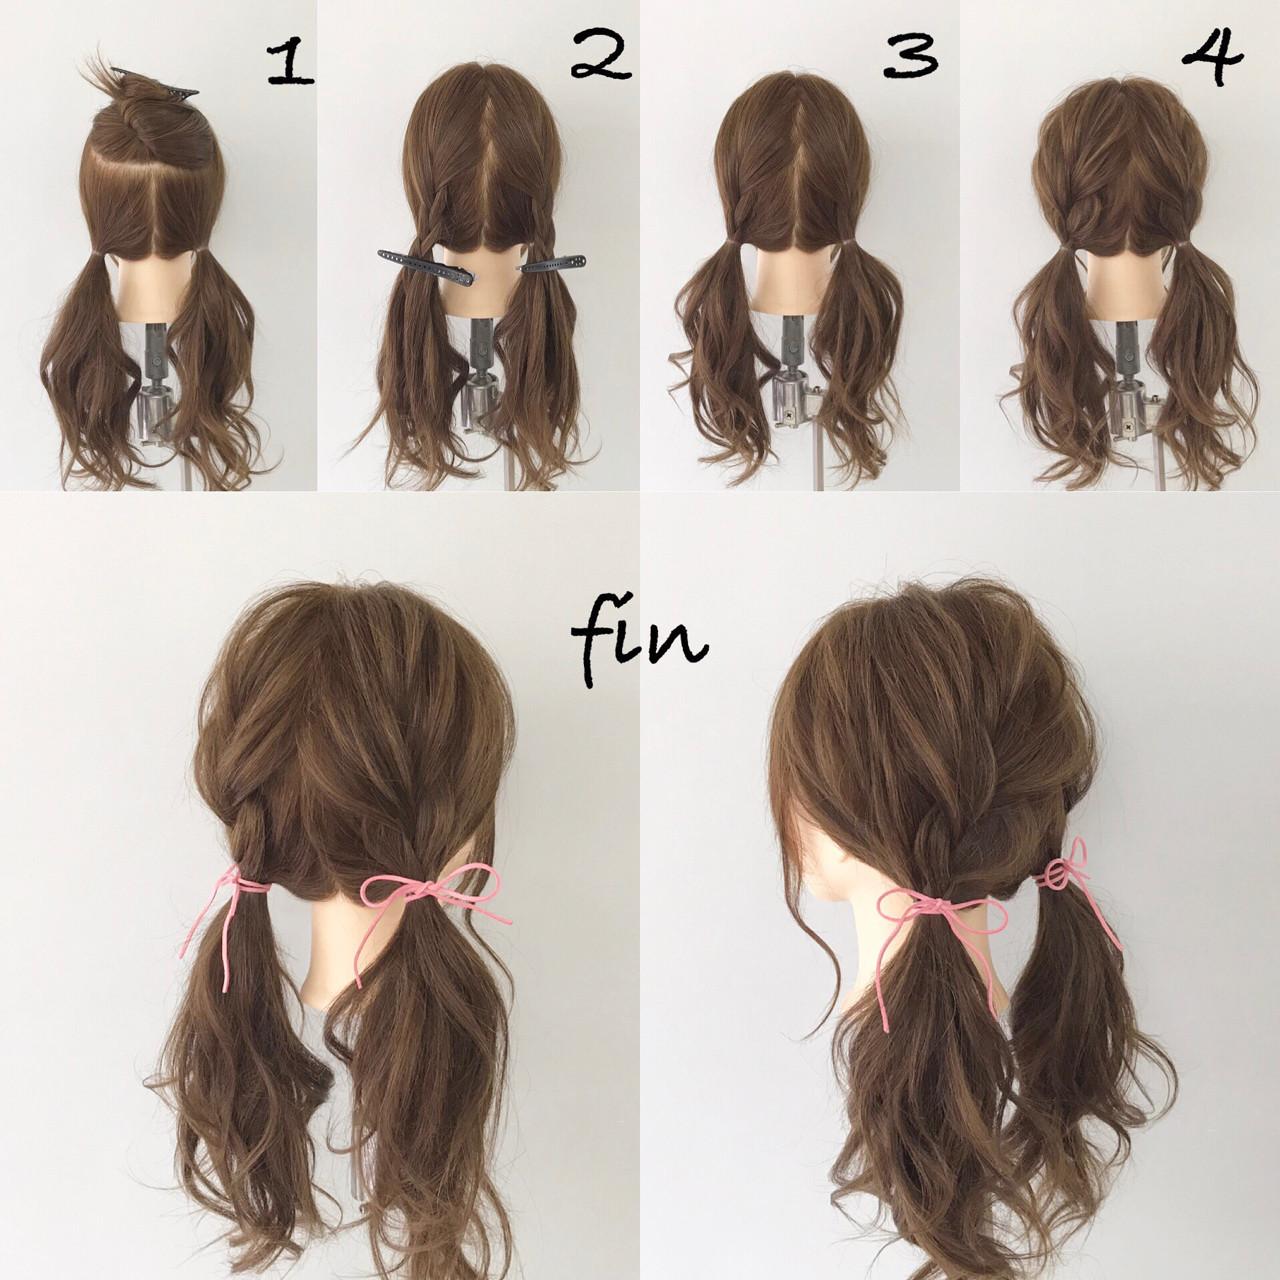 学校にもしていける髪型 校則の範囲でヘアアレンジを楽しみたい